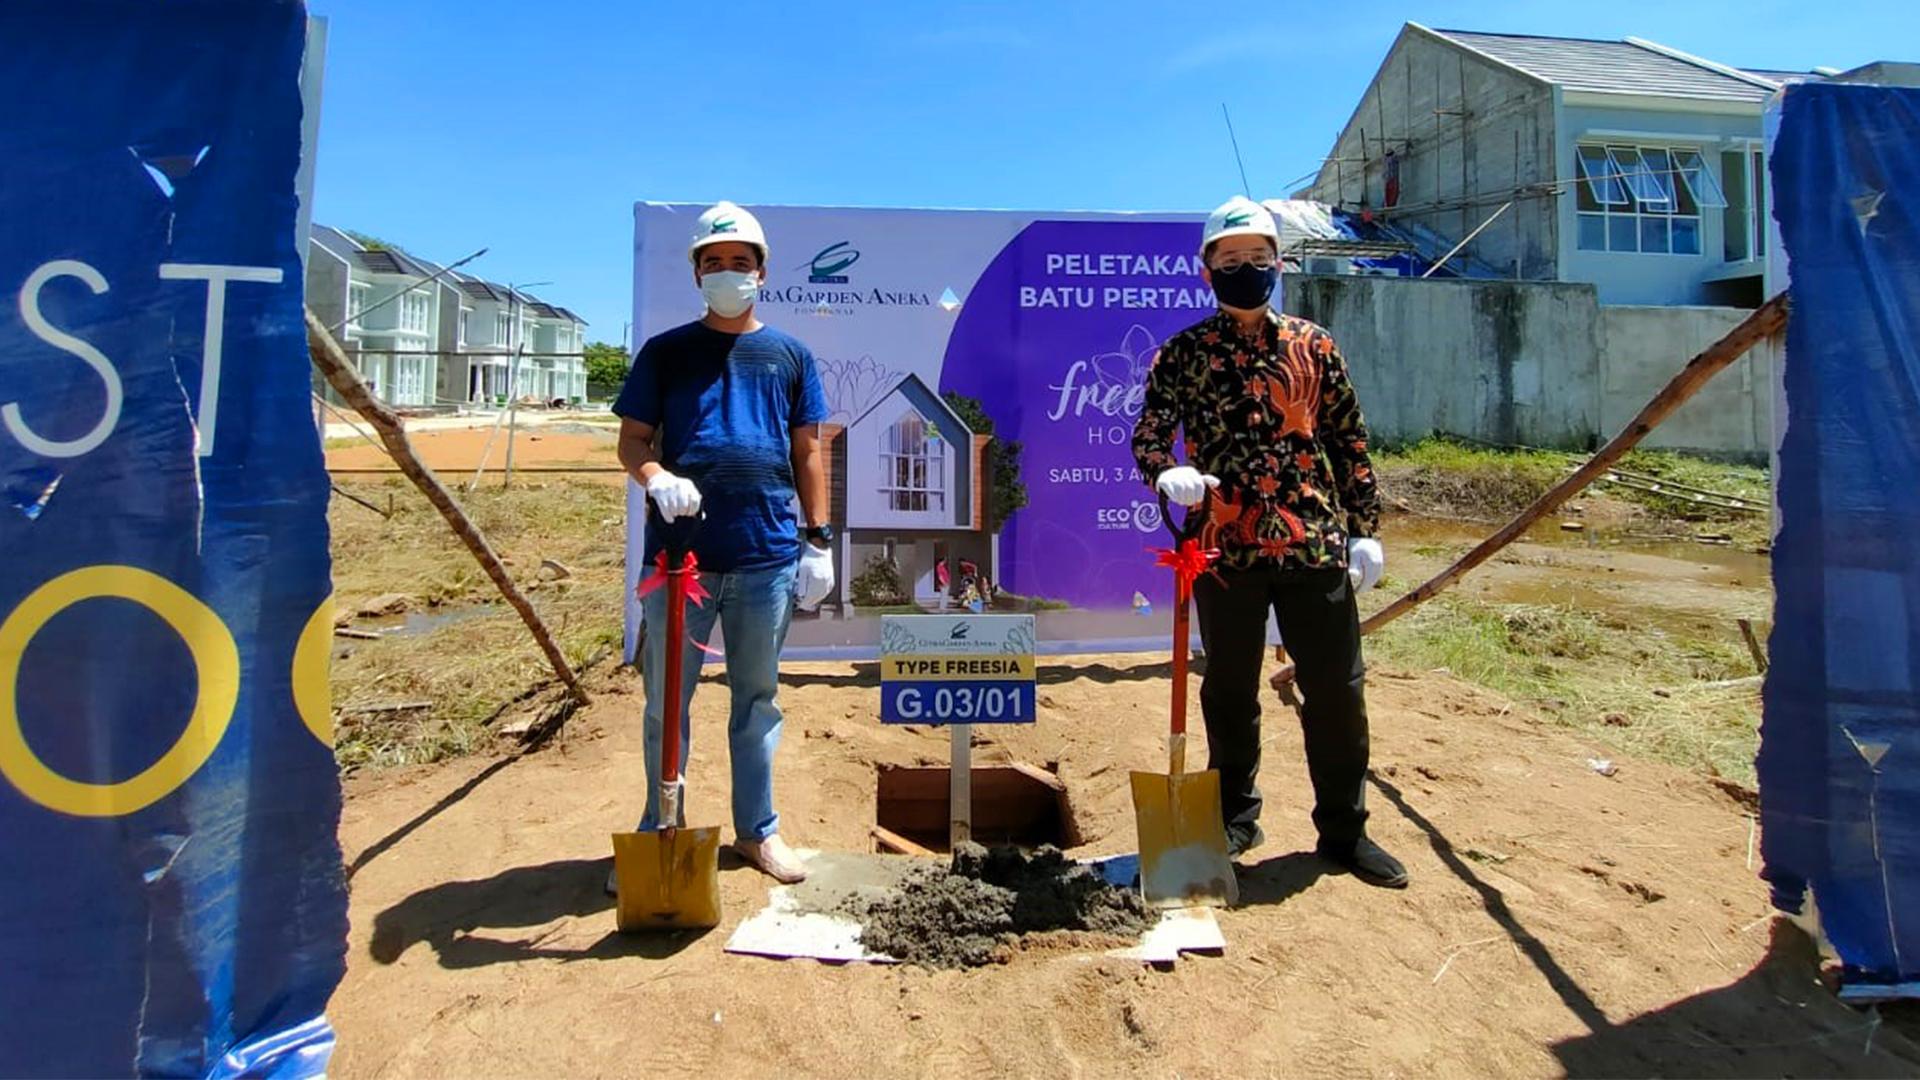 Segera Mulai Pembangunan, Freesia House Jadi Properti Incaran di Pontianak